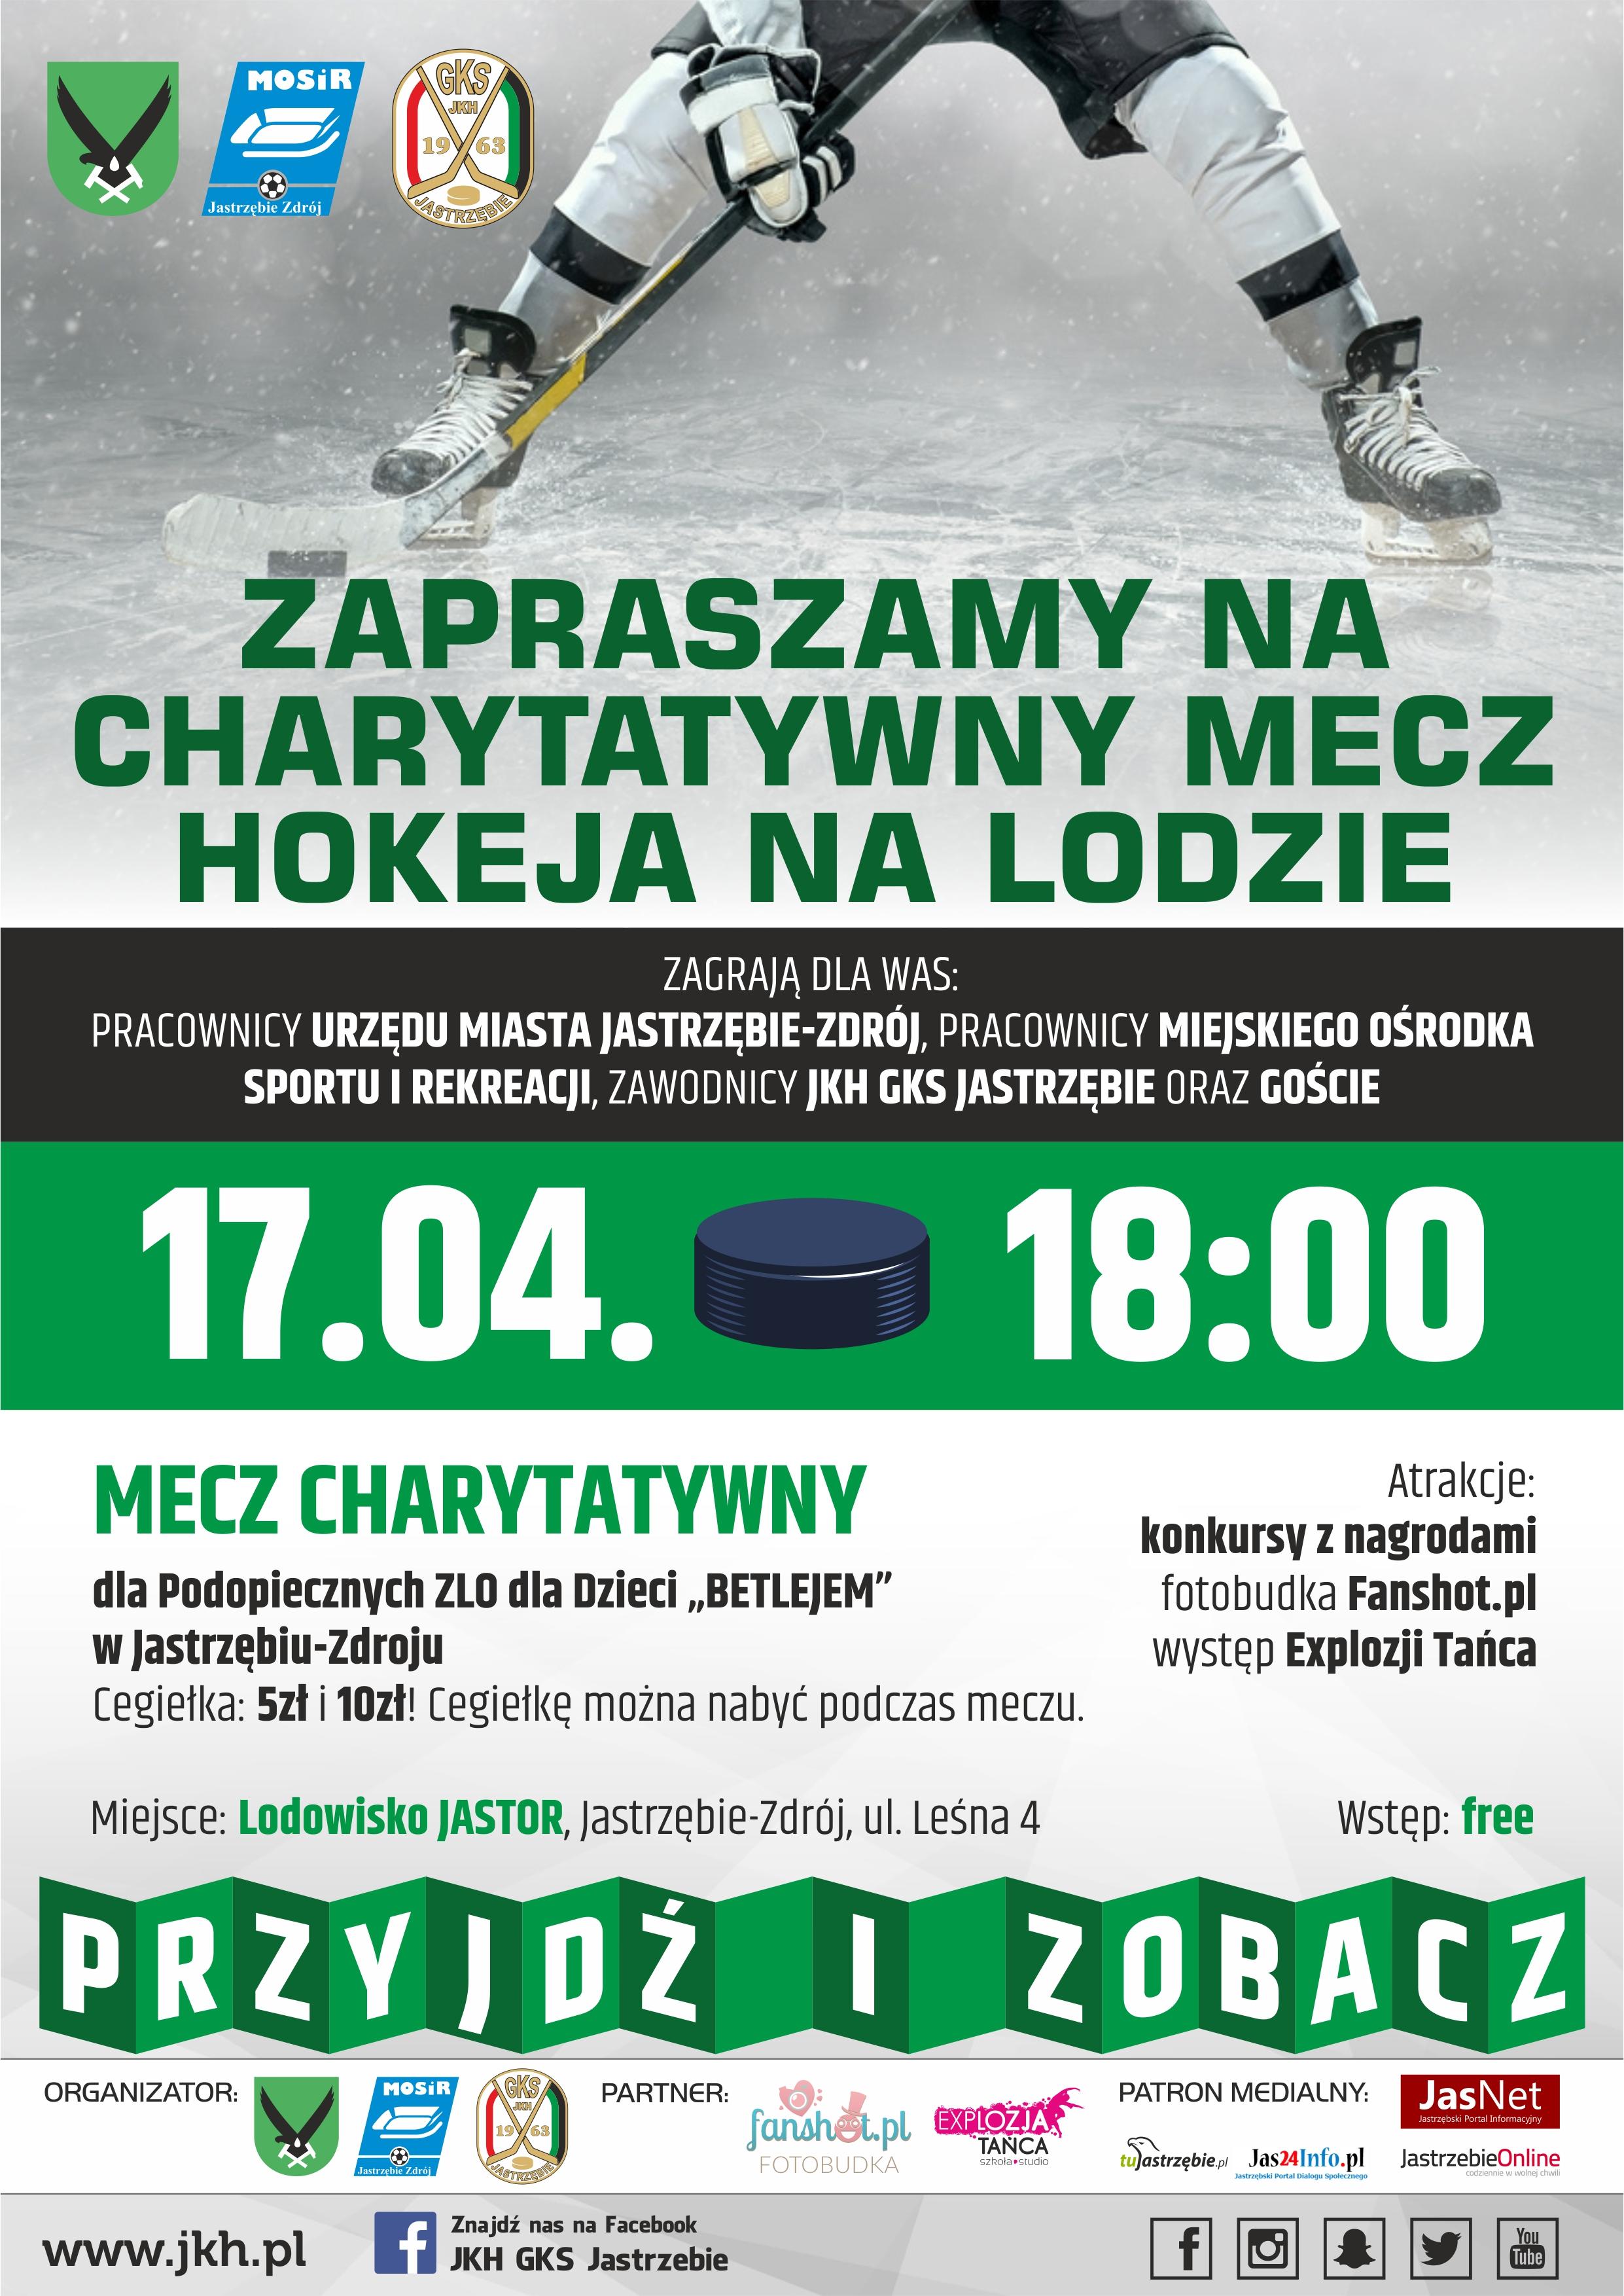 Plakat promujący charytatywny mecz z udziałem zawodników JKH GKS Jastrzębie